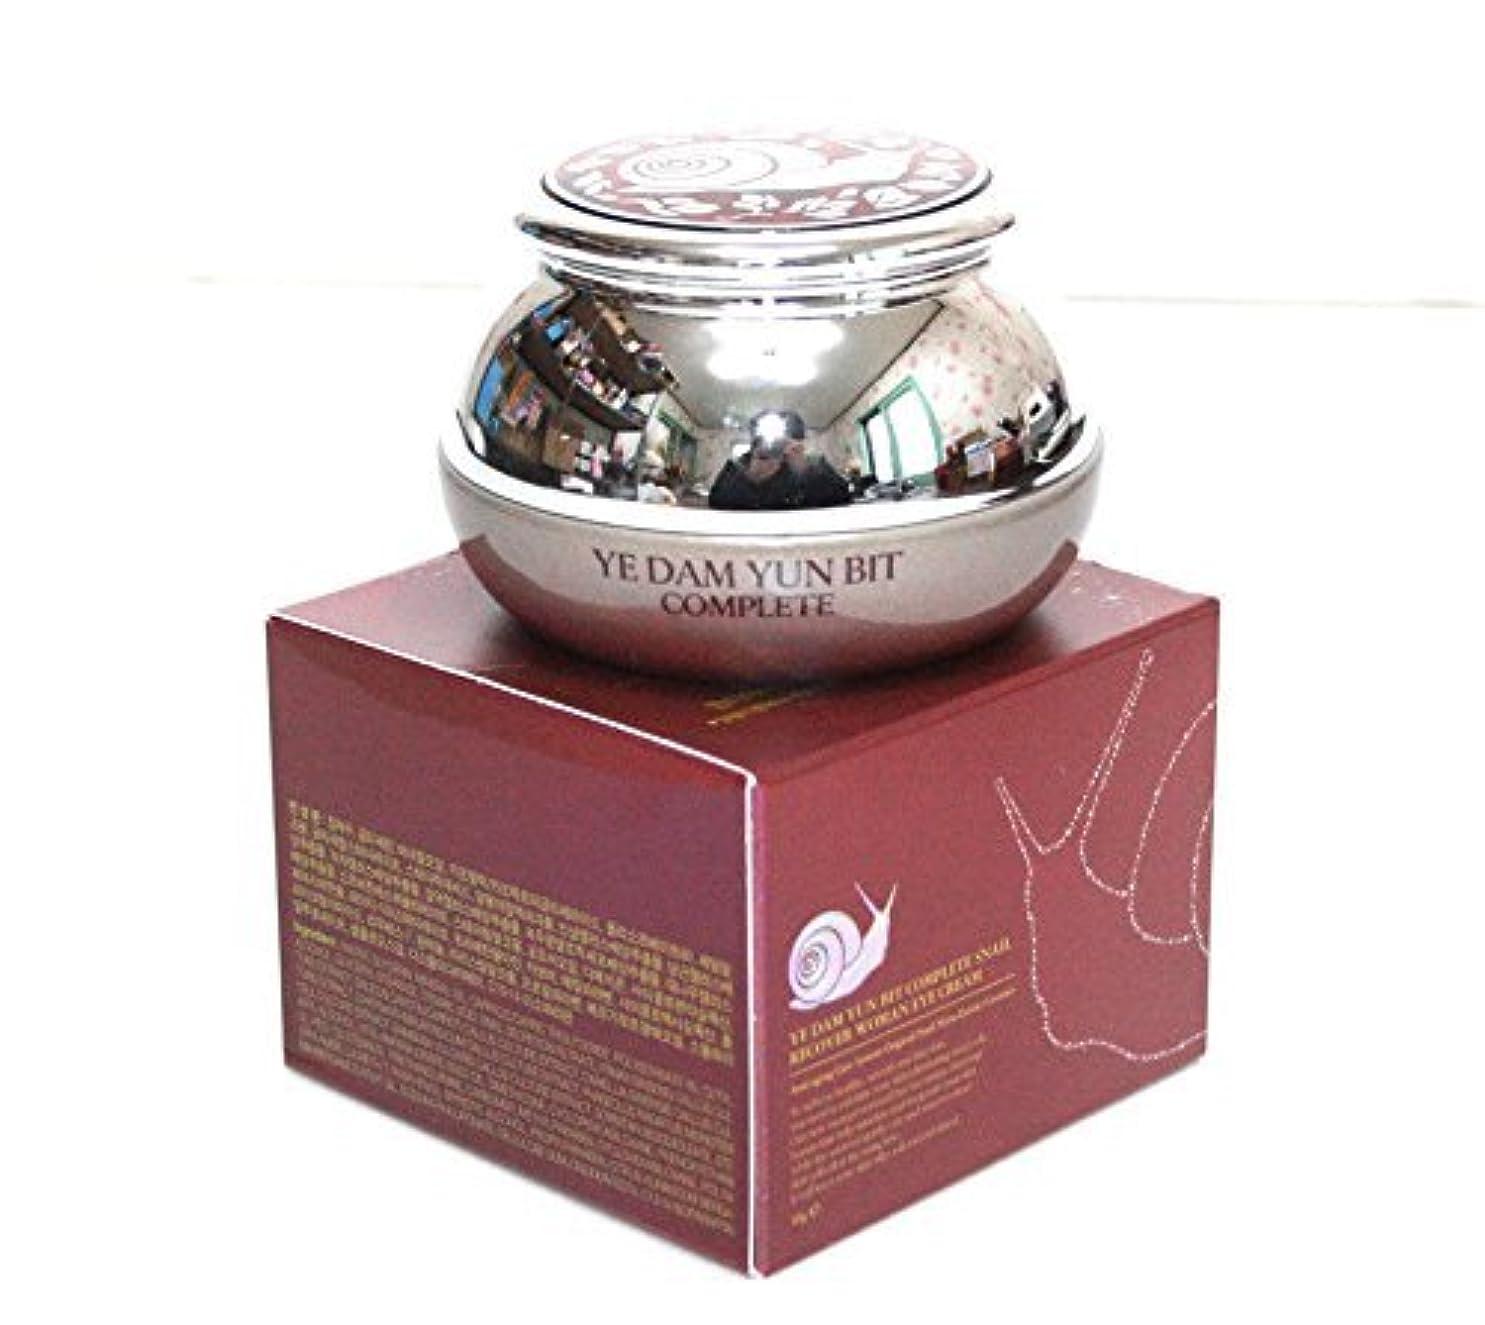 リップ決定ホバー[YEDAM YUN BIT] スキンが完成カタツムリ回復女性のアイクリーム50ml/韓国の化粧品/COMPLETE Skin Snail Recover Woman Eye Cream 50ml/Korean cosmetics...